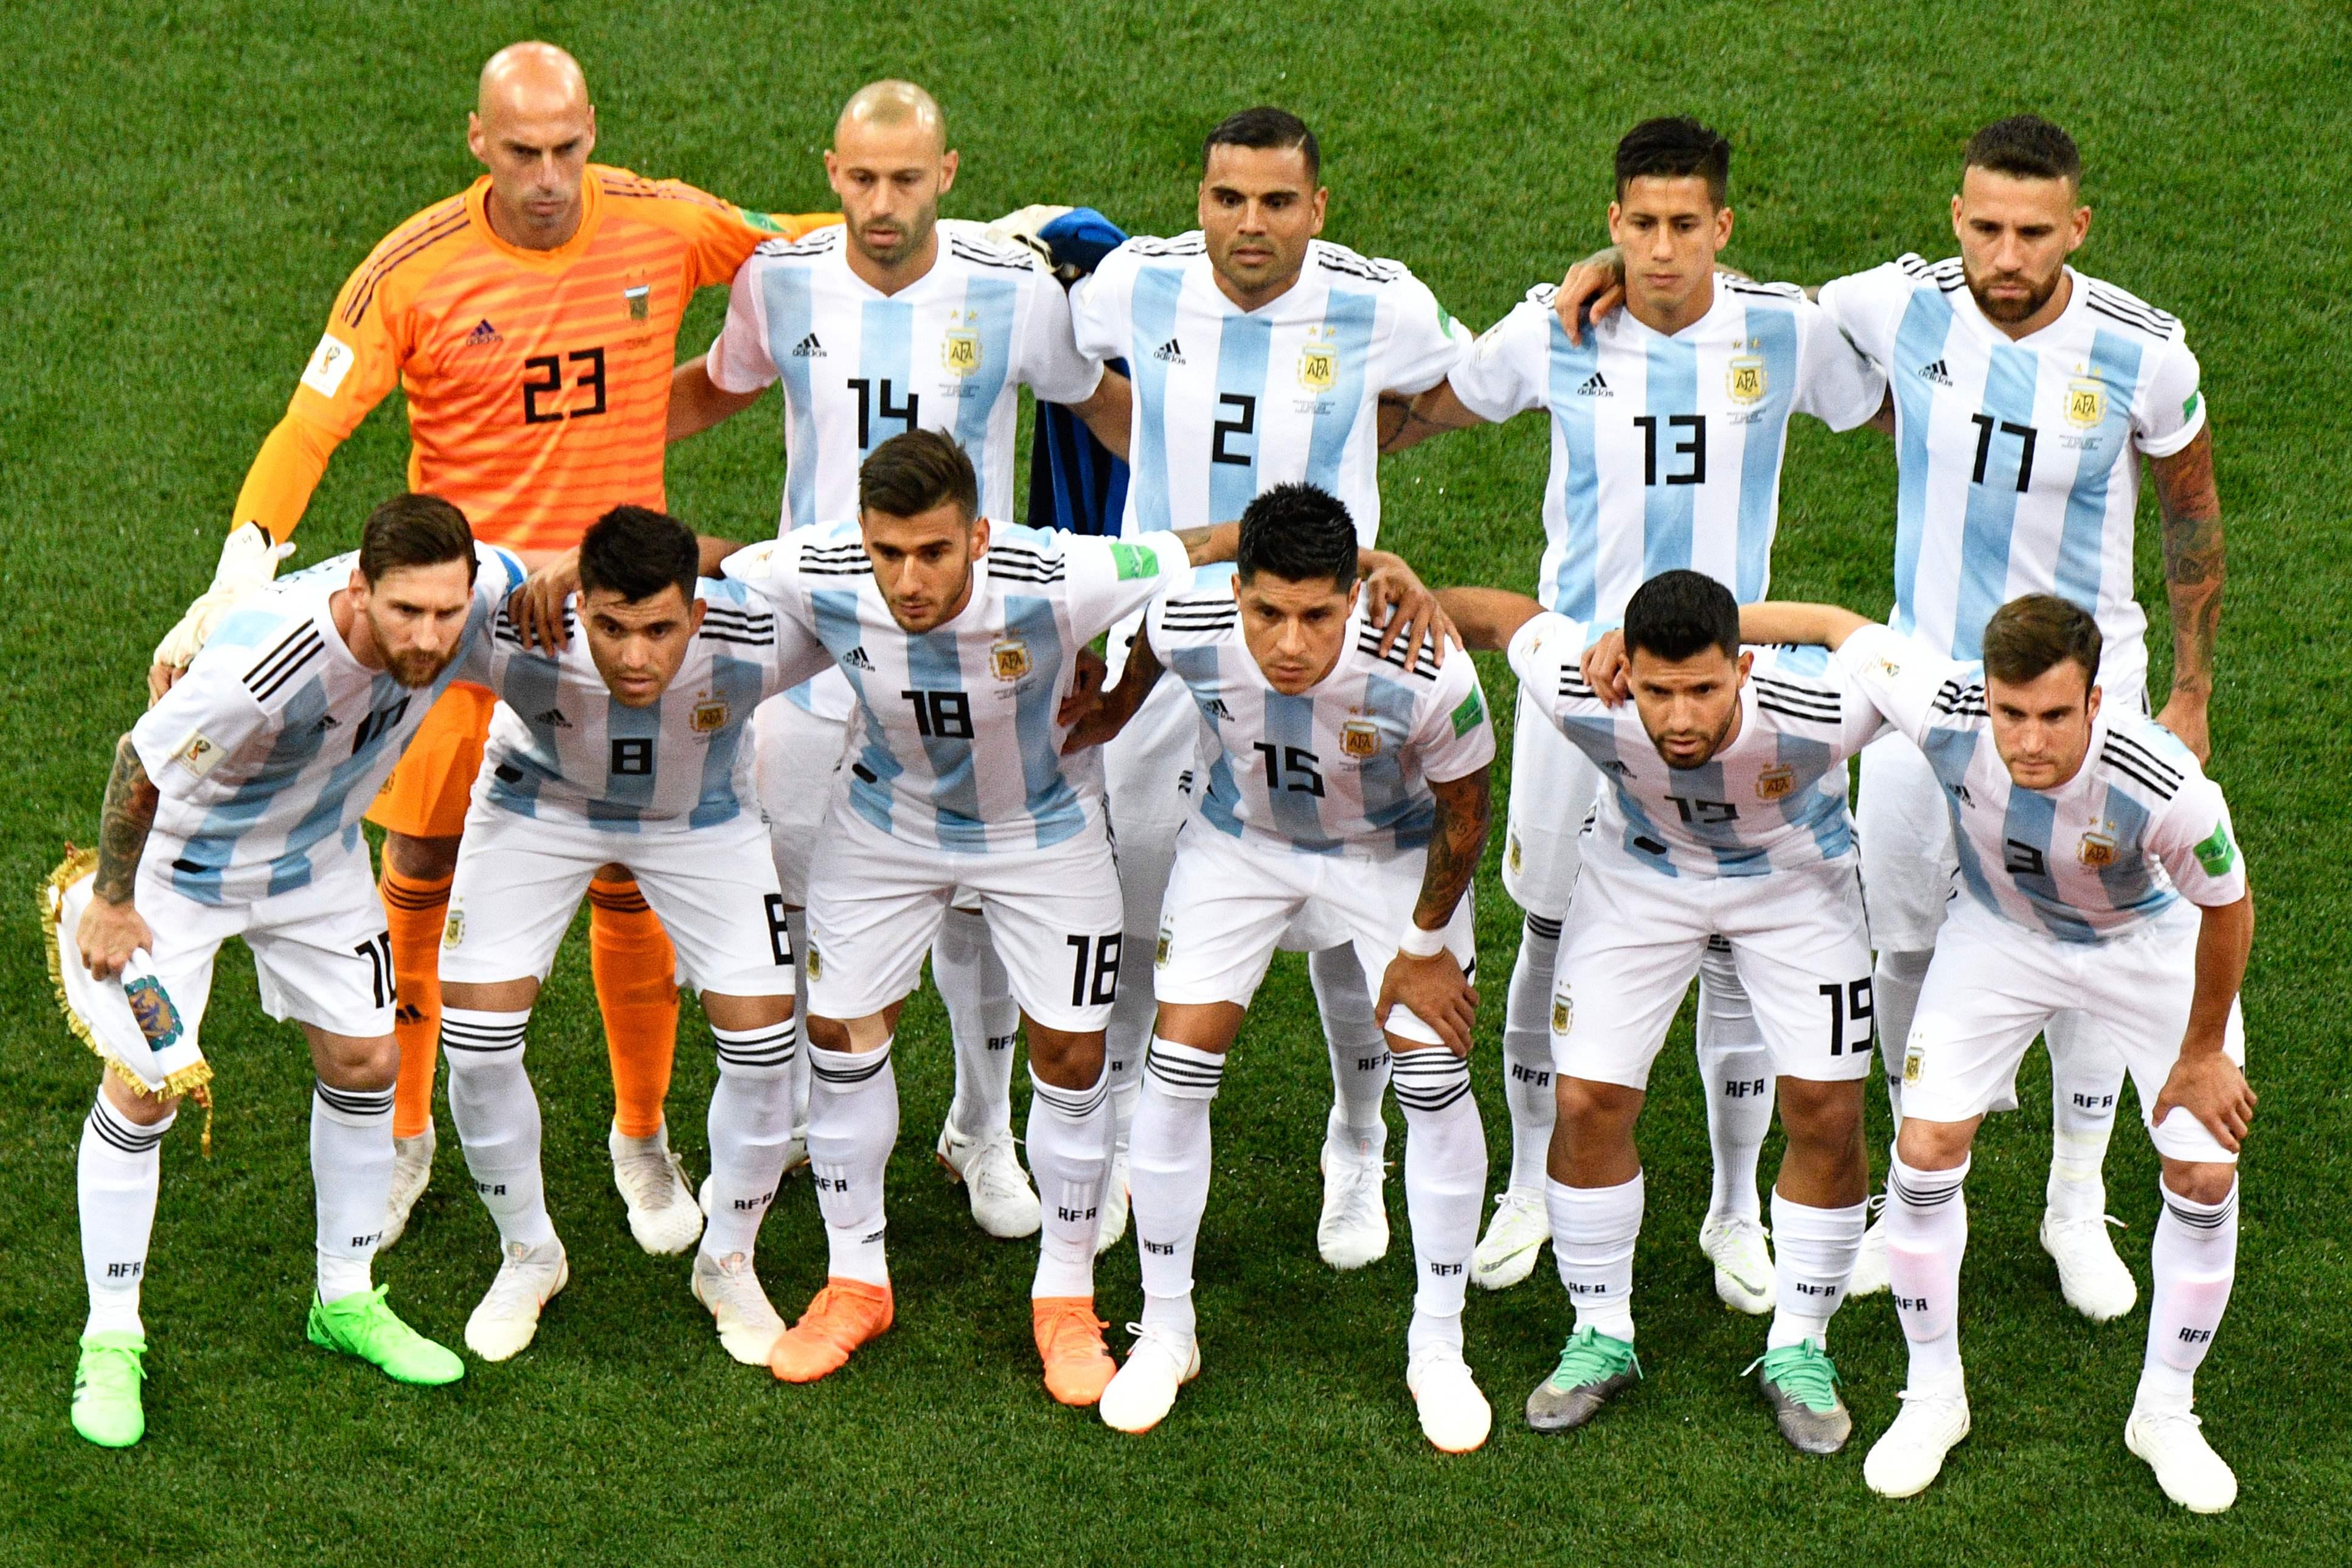 التعادل السلبى يسيطر على أول 25 دقيقة من مباراة الأرجنتين ...